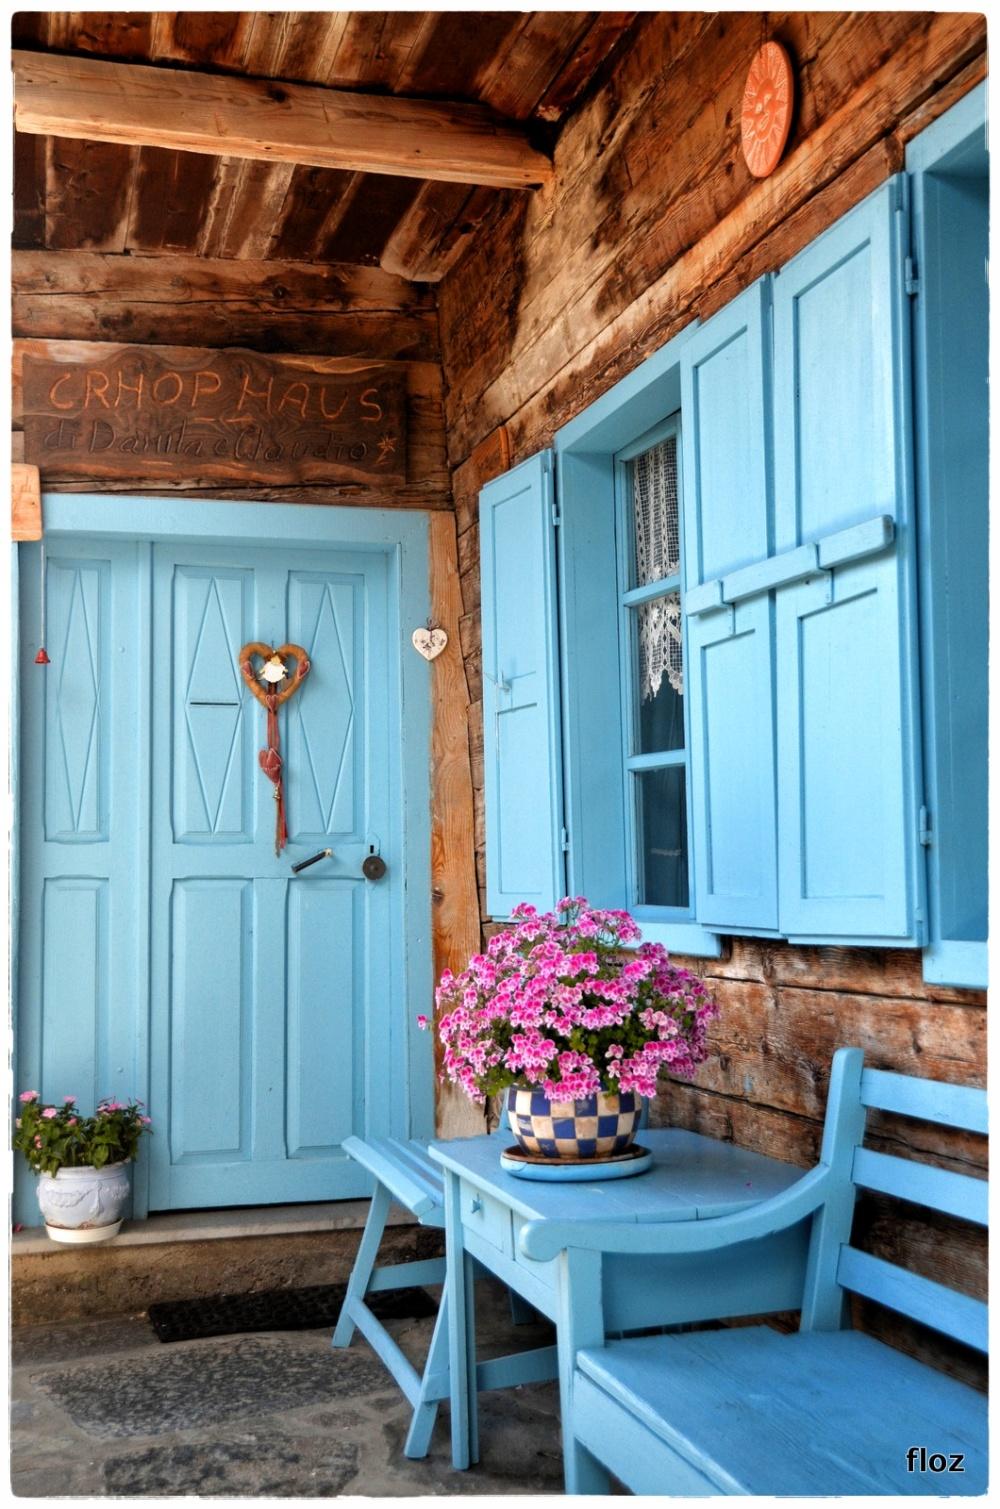 c'est une maison bleue